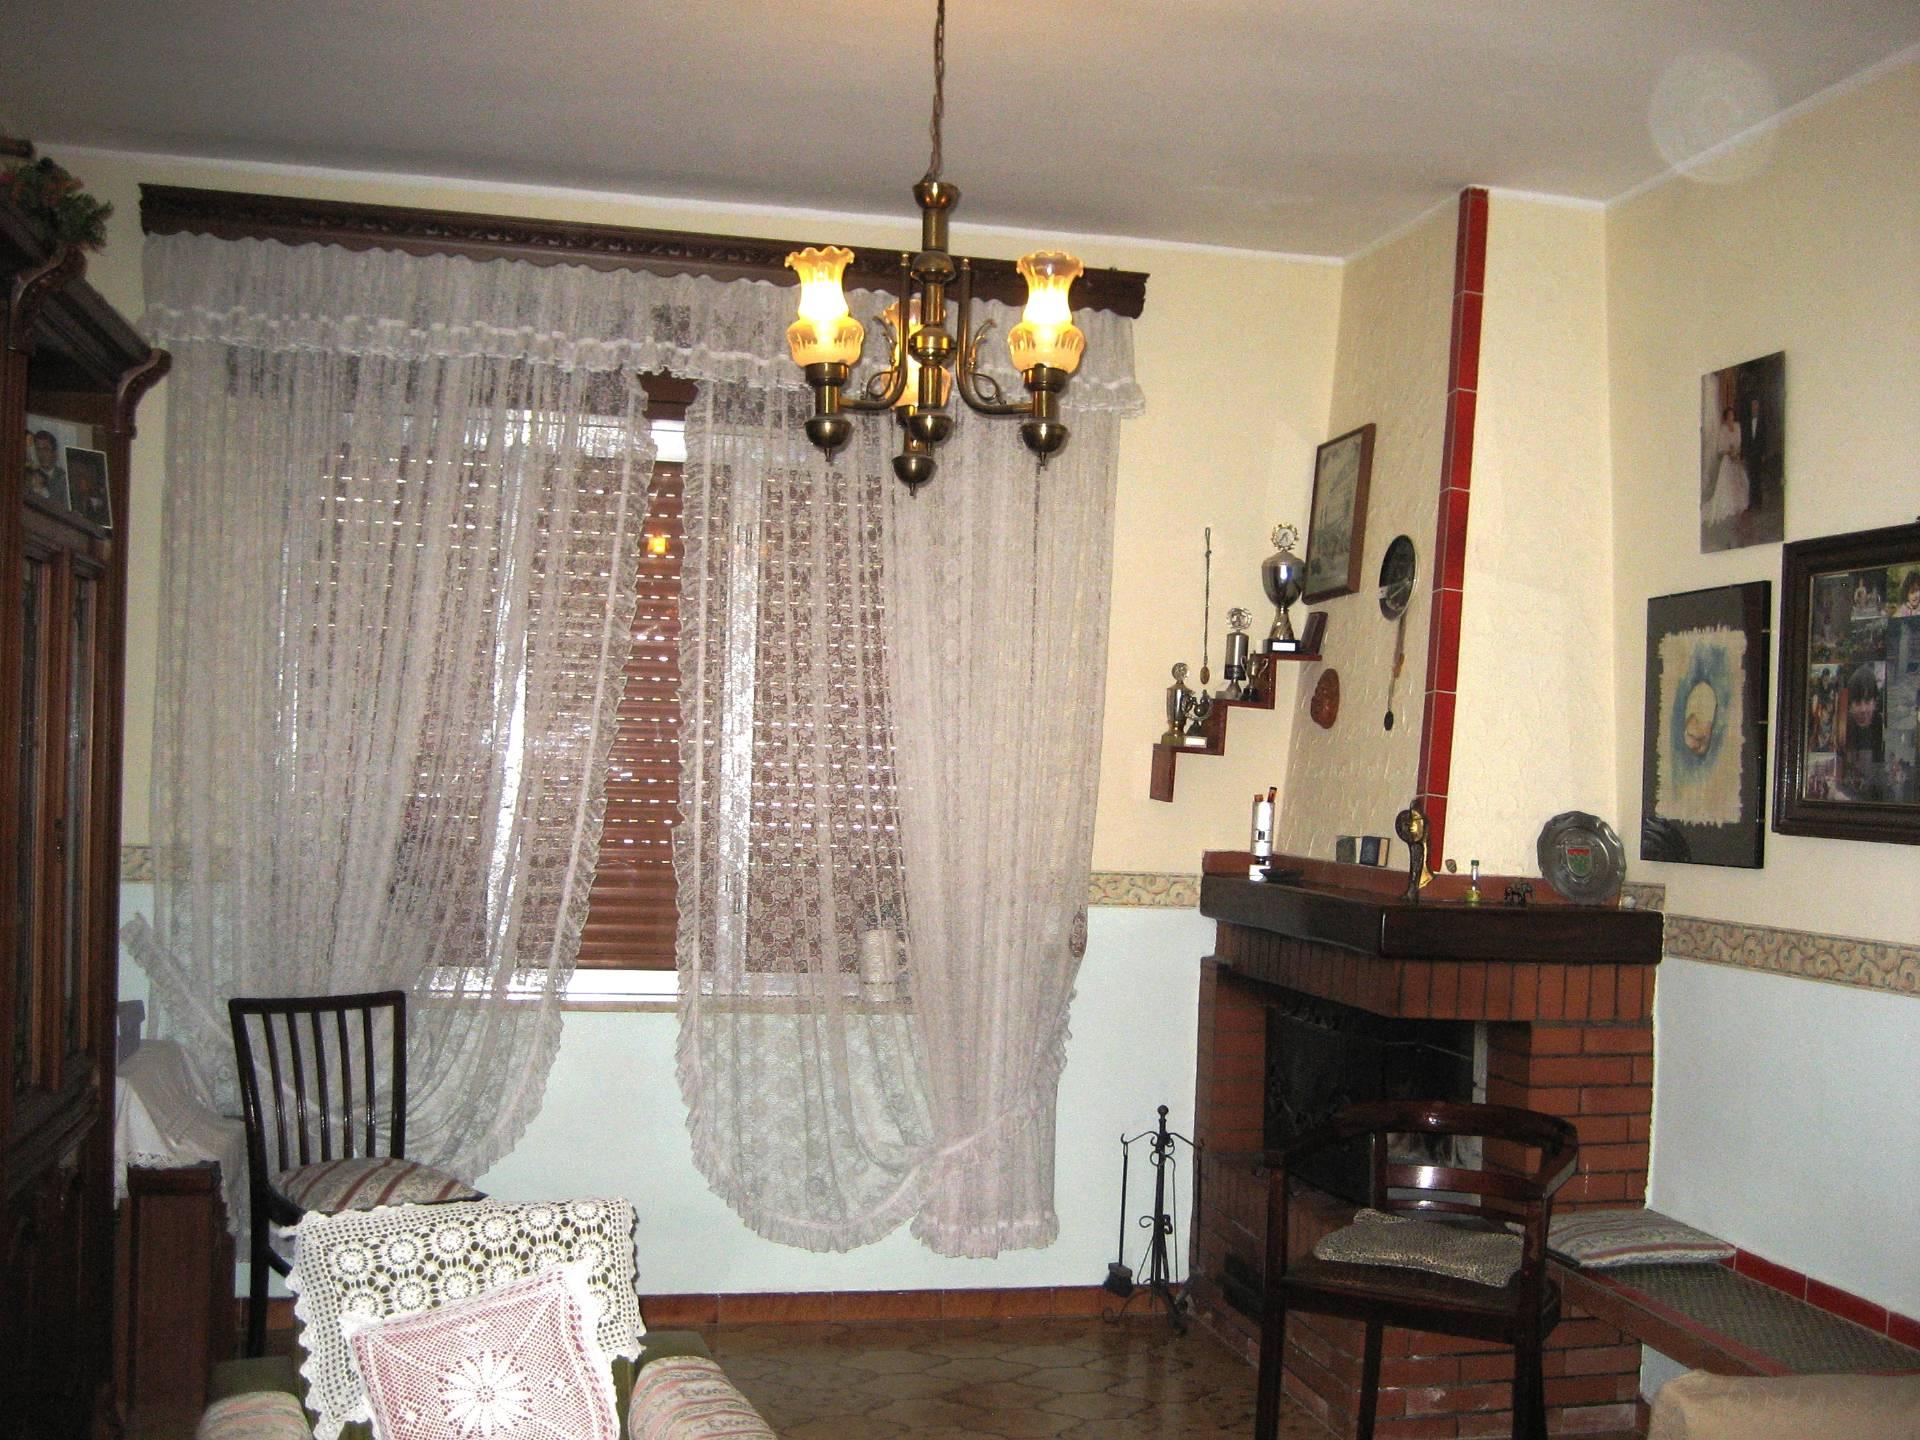 Villa in vendita a Siracusa, 5 locali, zona Località: Tremmilia, prezzo € 280.000   CambioCasa.it